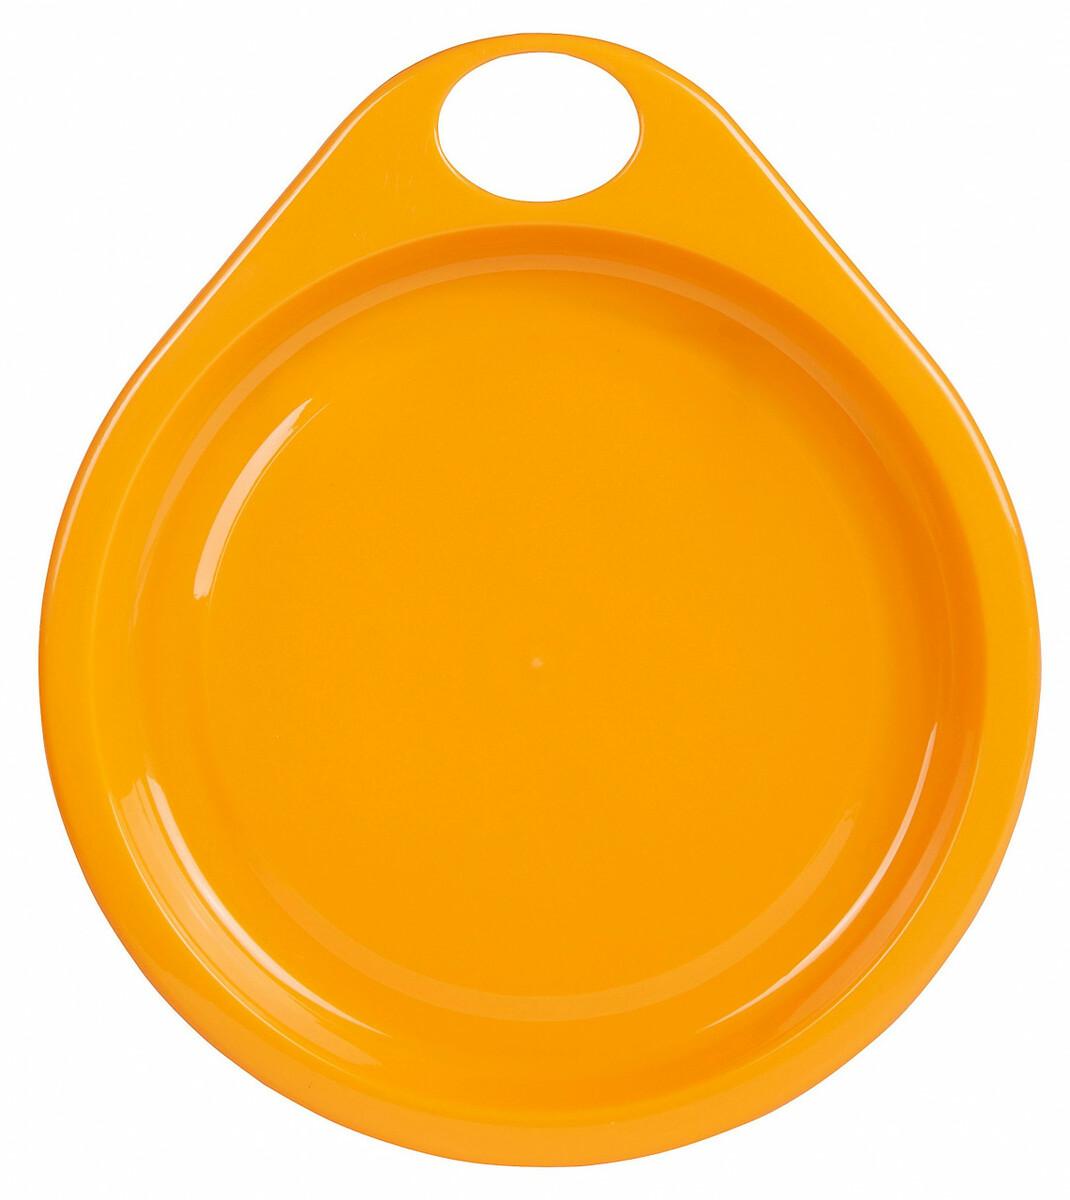 Bild 3 von Culinario 6er-Set Teller